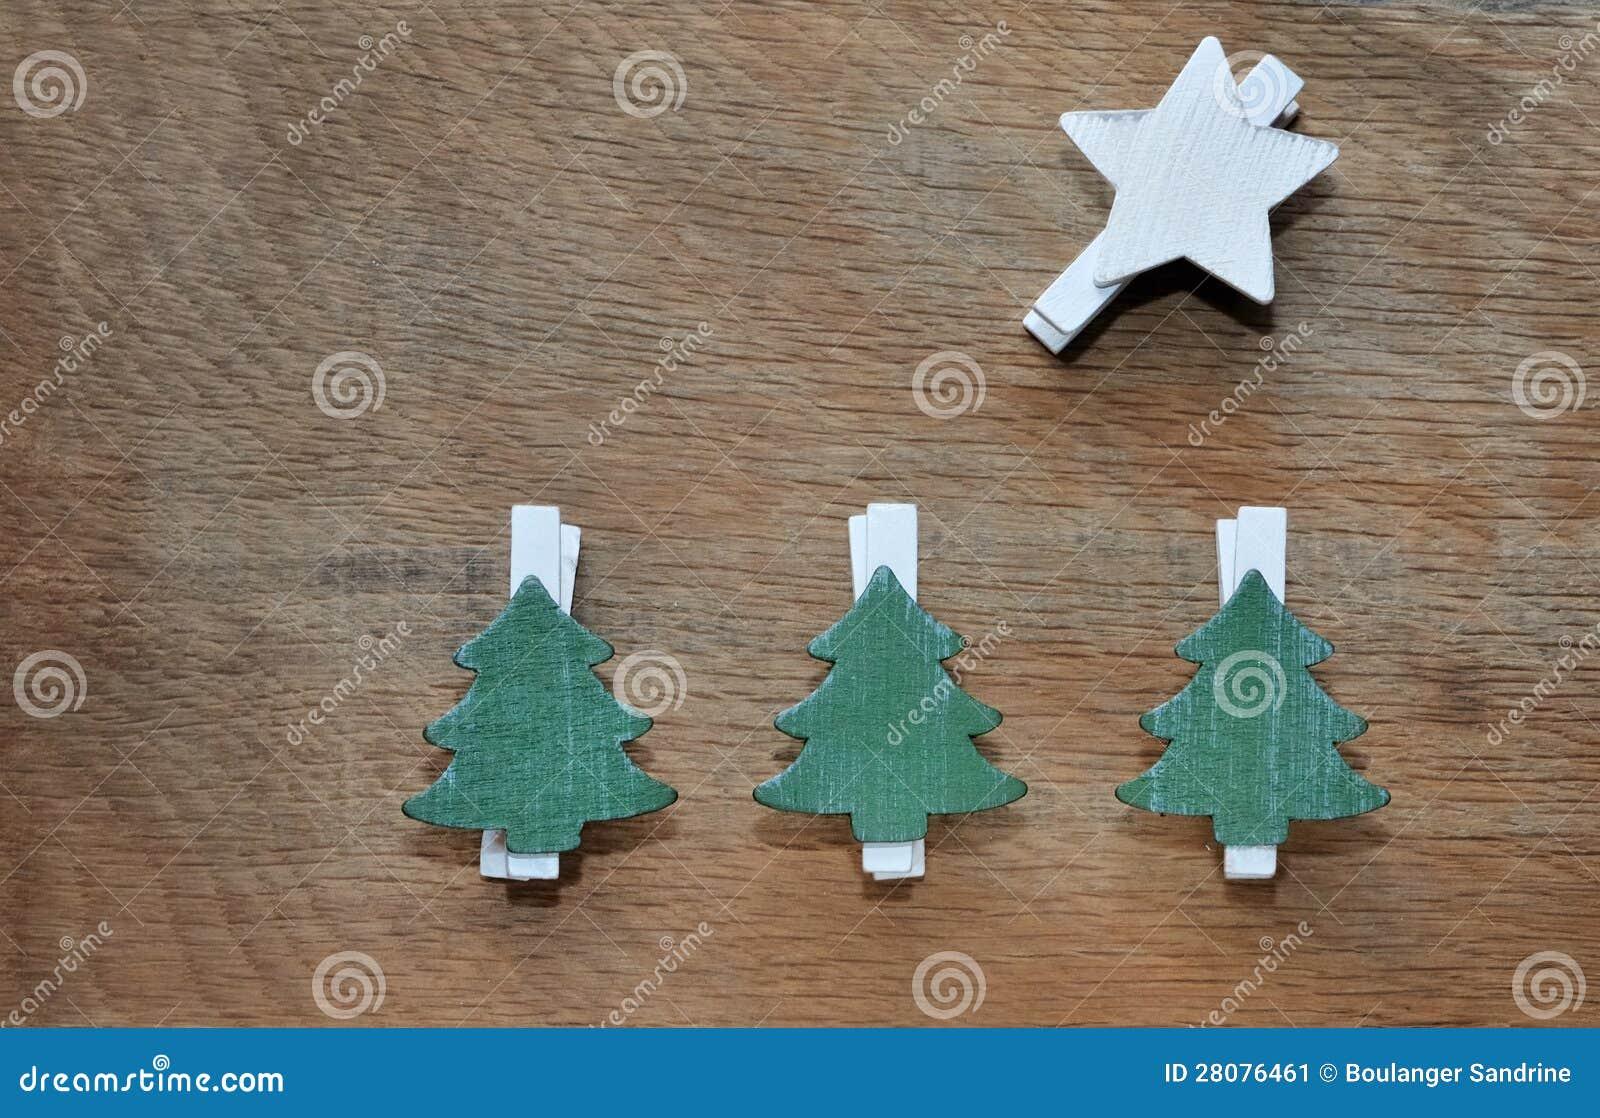 #82A328 Décoration Naturelle De Noël Image Stock Image: 28076461 6453 décoration noel naturelle 1300x925 px @ aertt.com